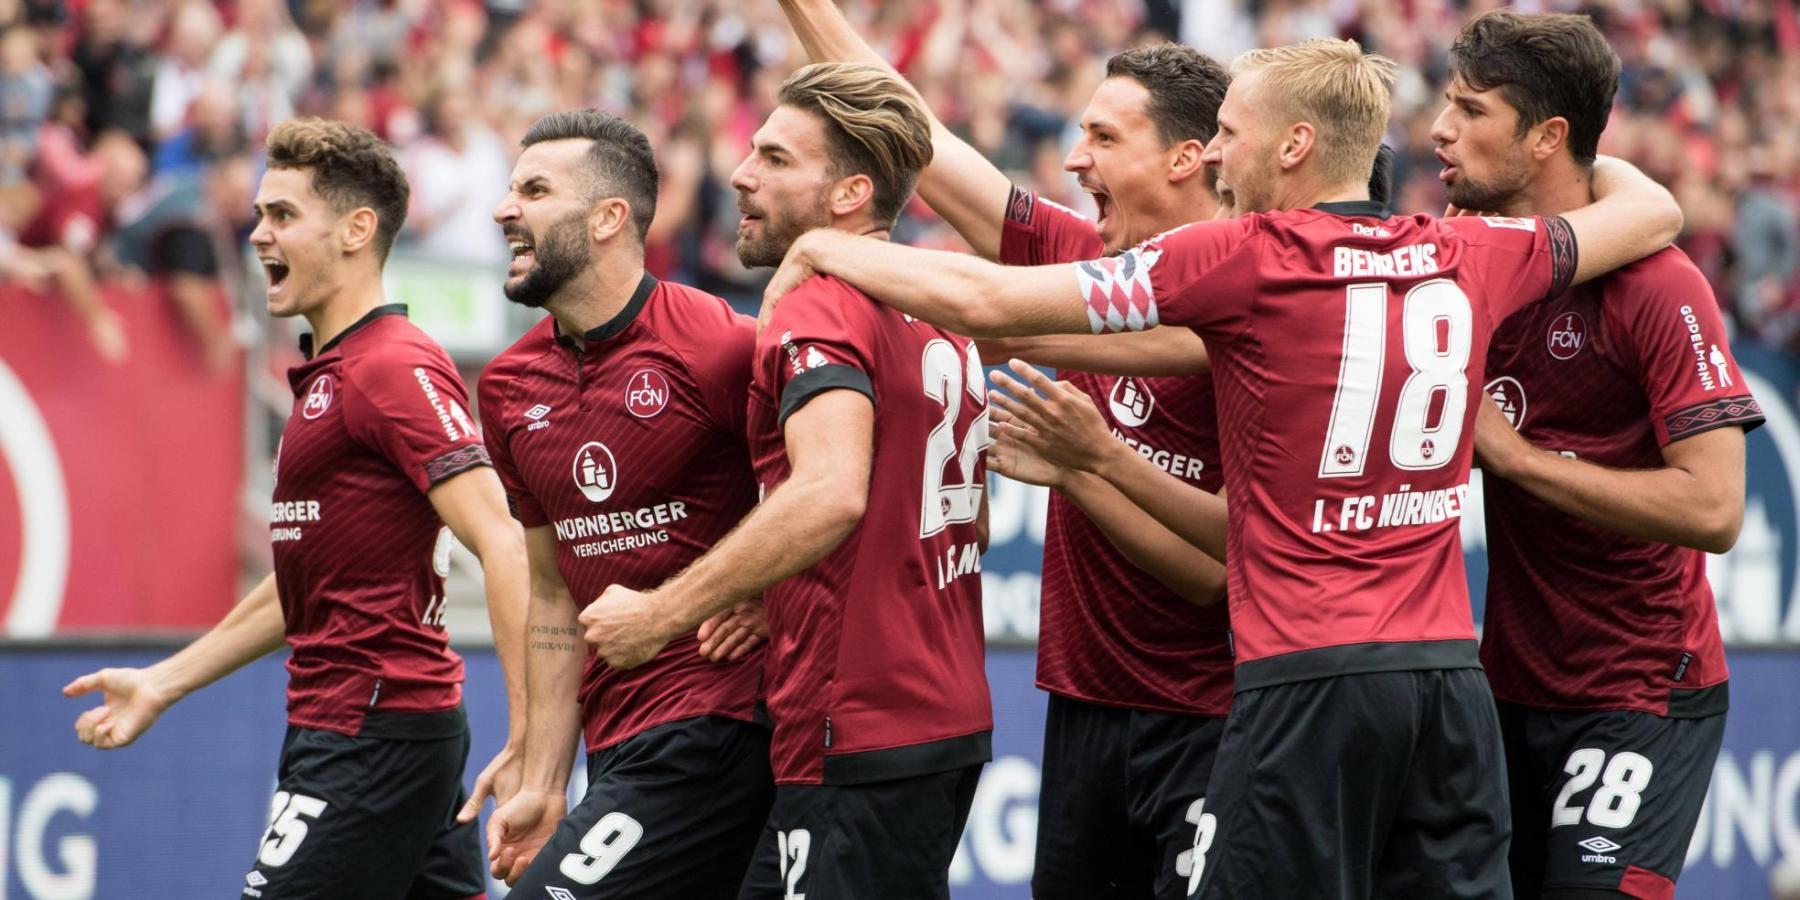 Der 1. FC Nürnberg feiert seinen ersten Saisonsieg